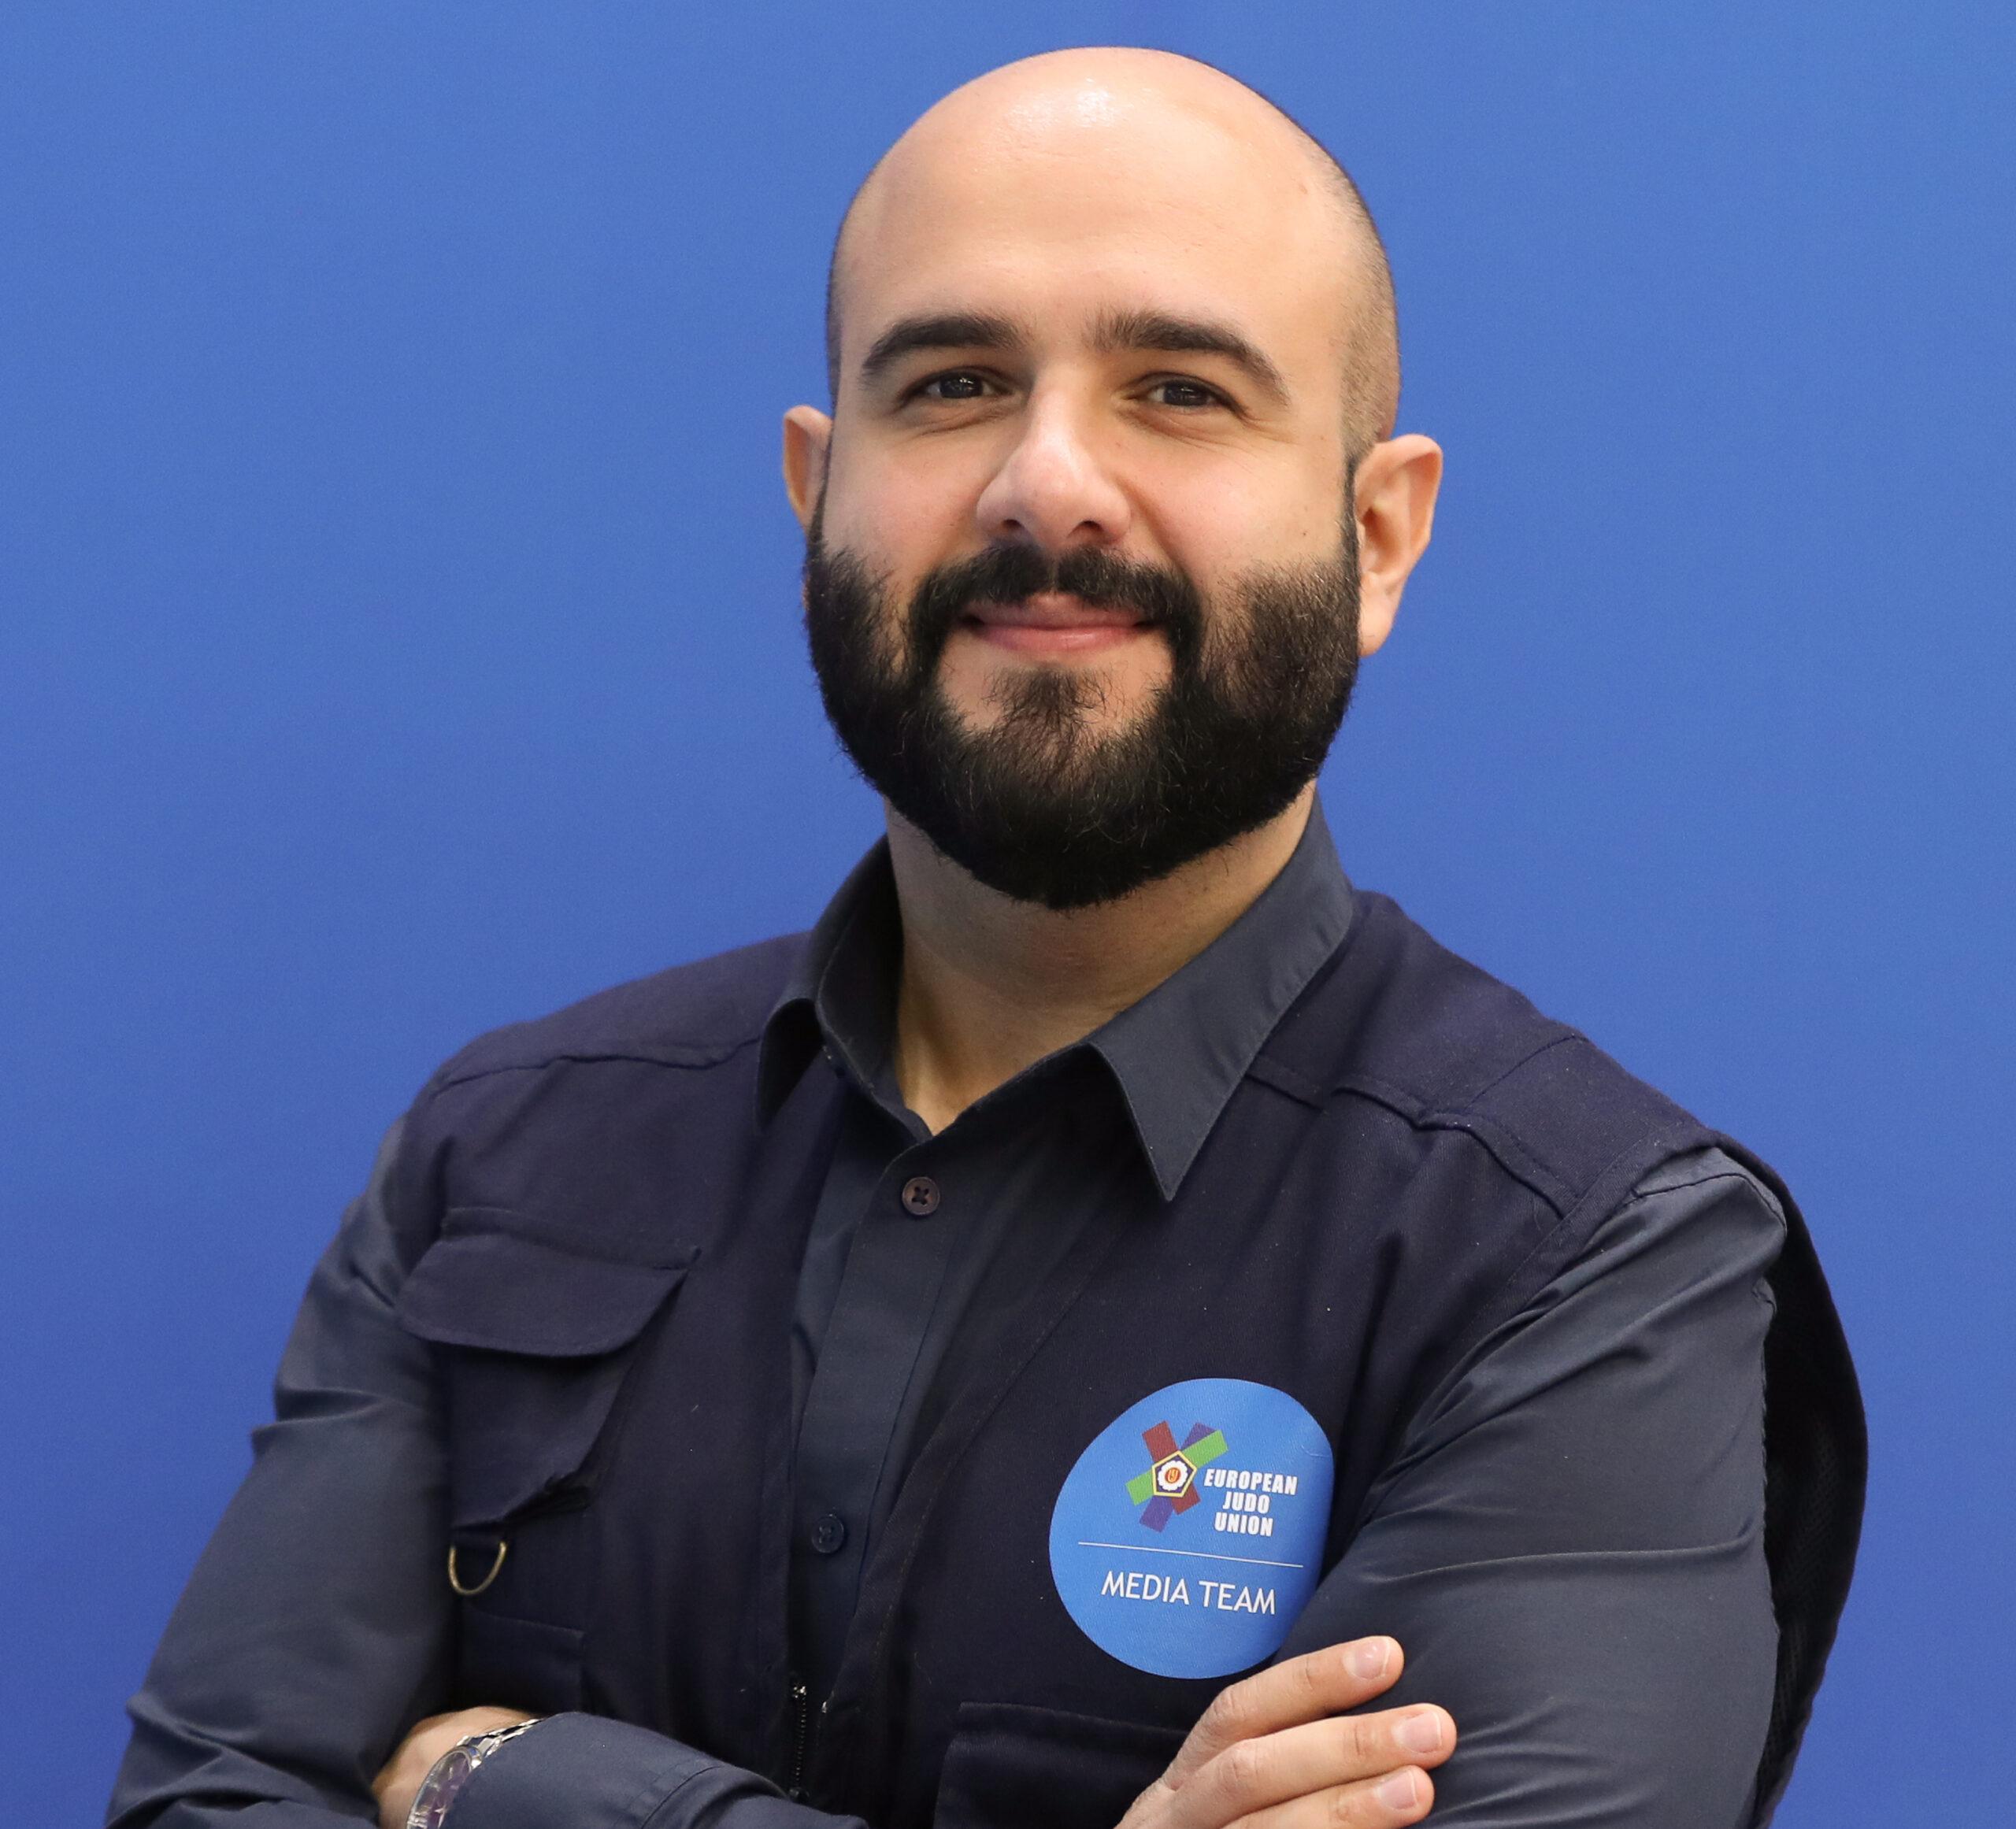 Mr. Antonino Ceravolo